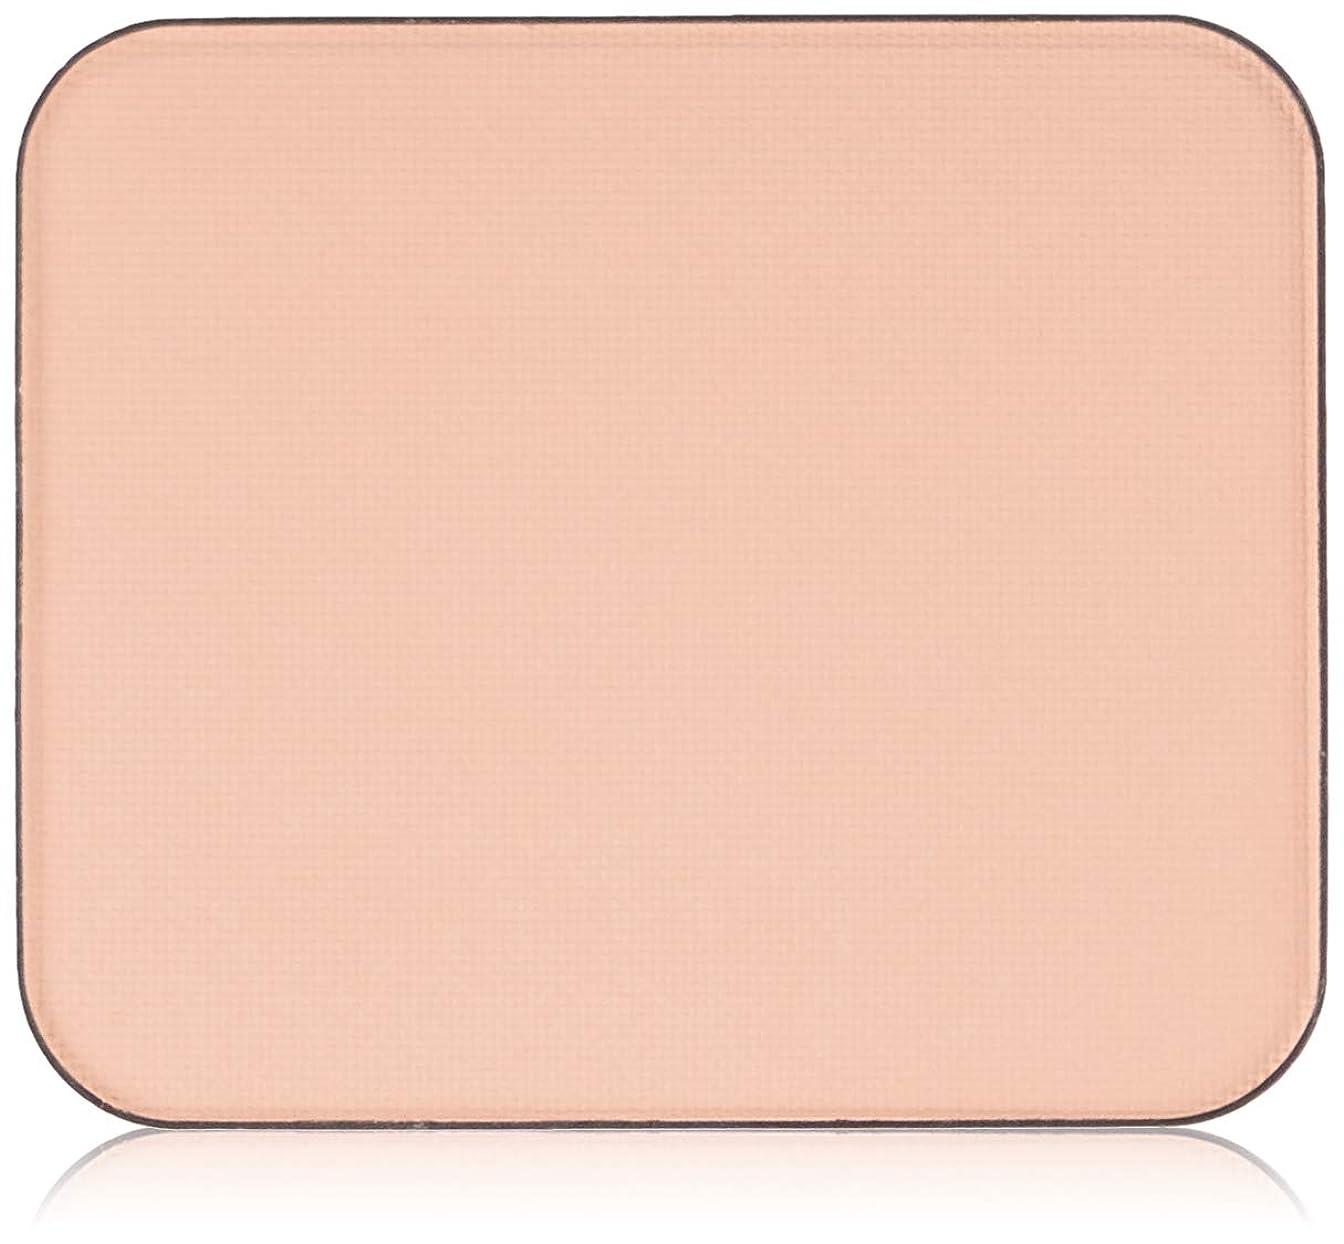 財団痛みスナッチCelvoke(セルヴォーク) インテントスキン パウダーファンデーション 全5色 101 明るいピンクオークル系